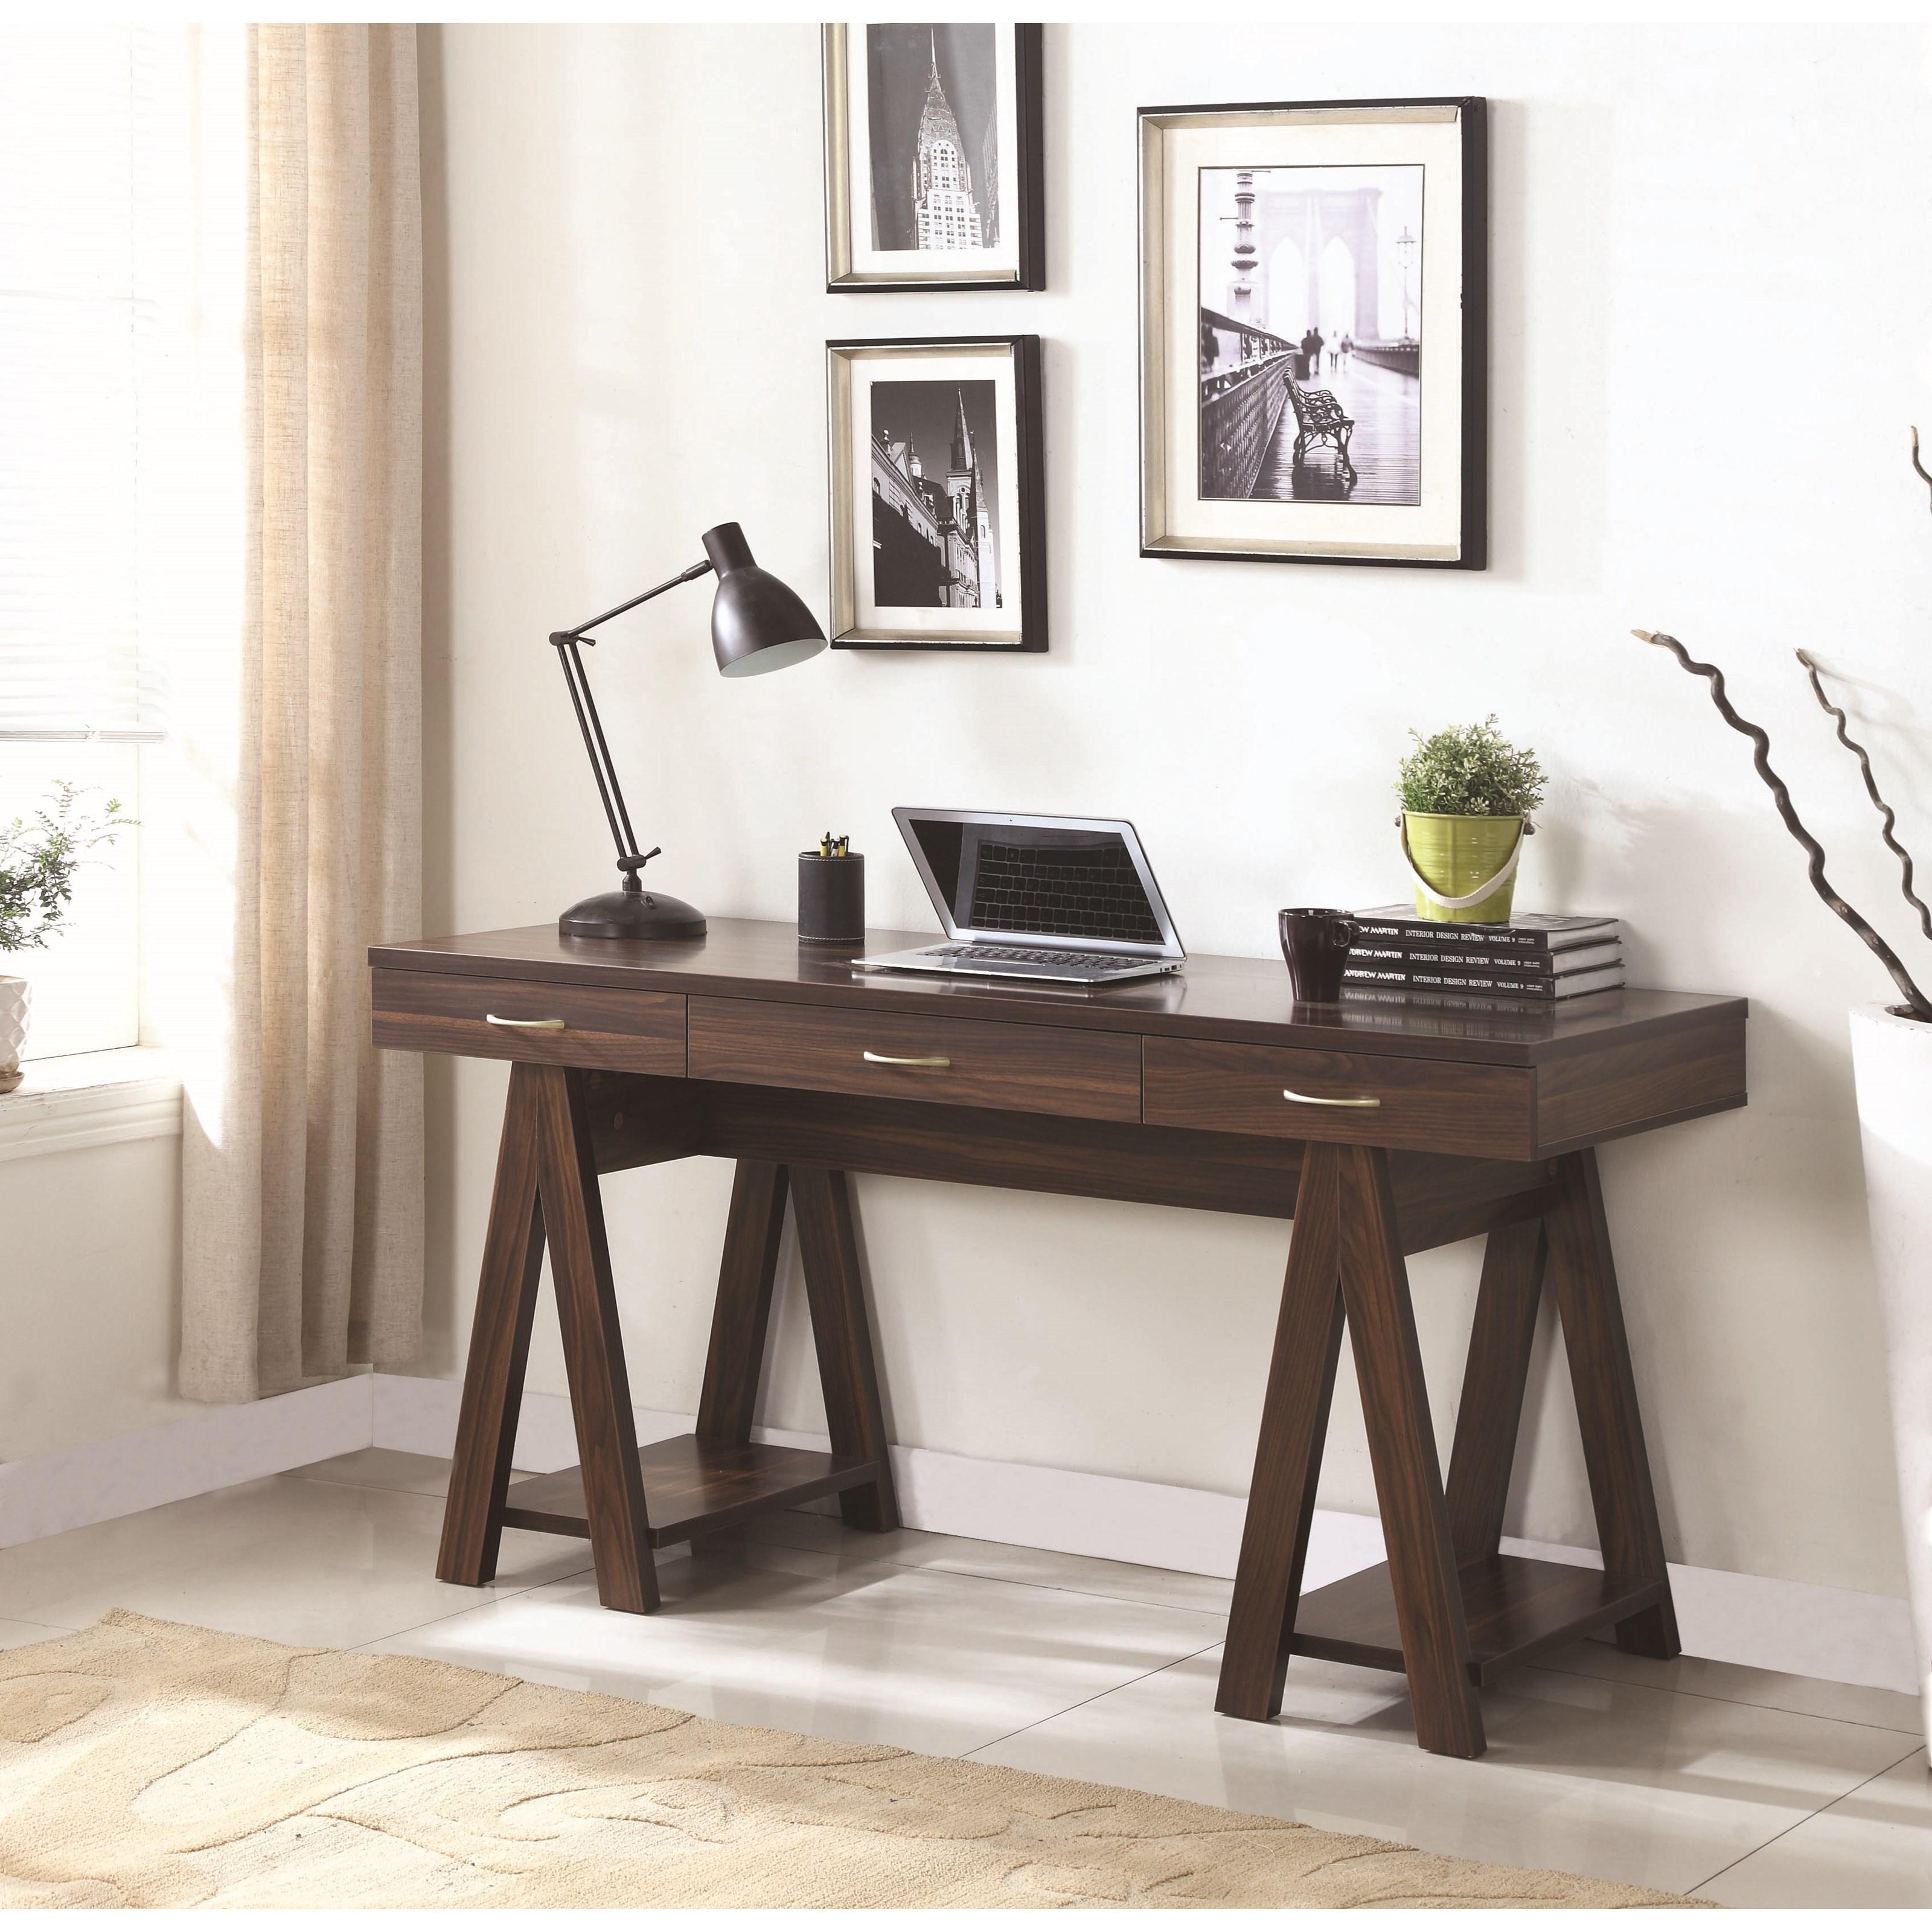 Coaster Desks Desk - Item Number: 800910